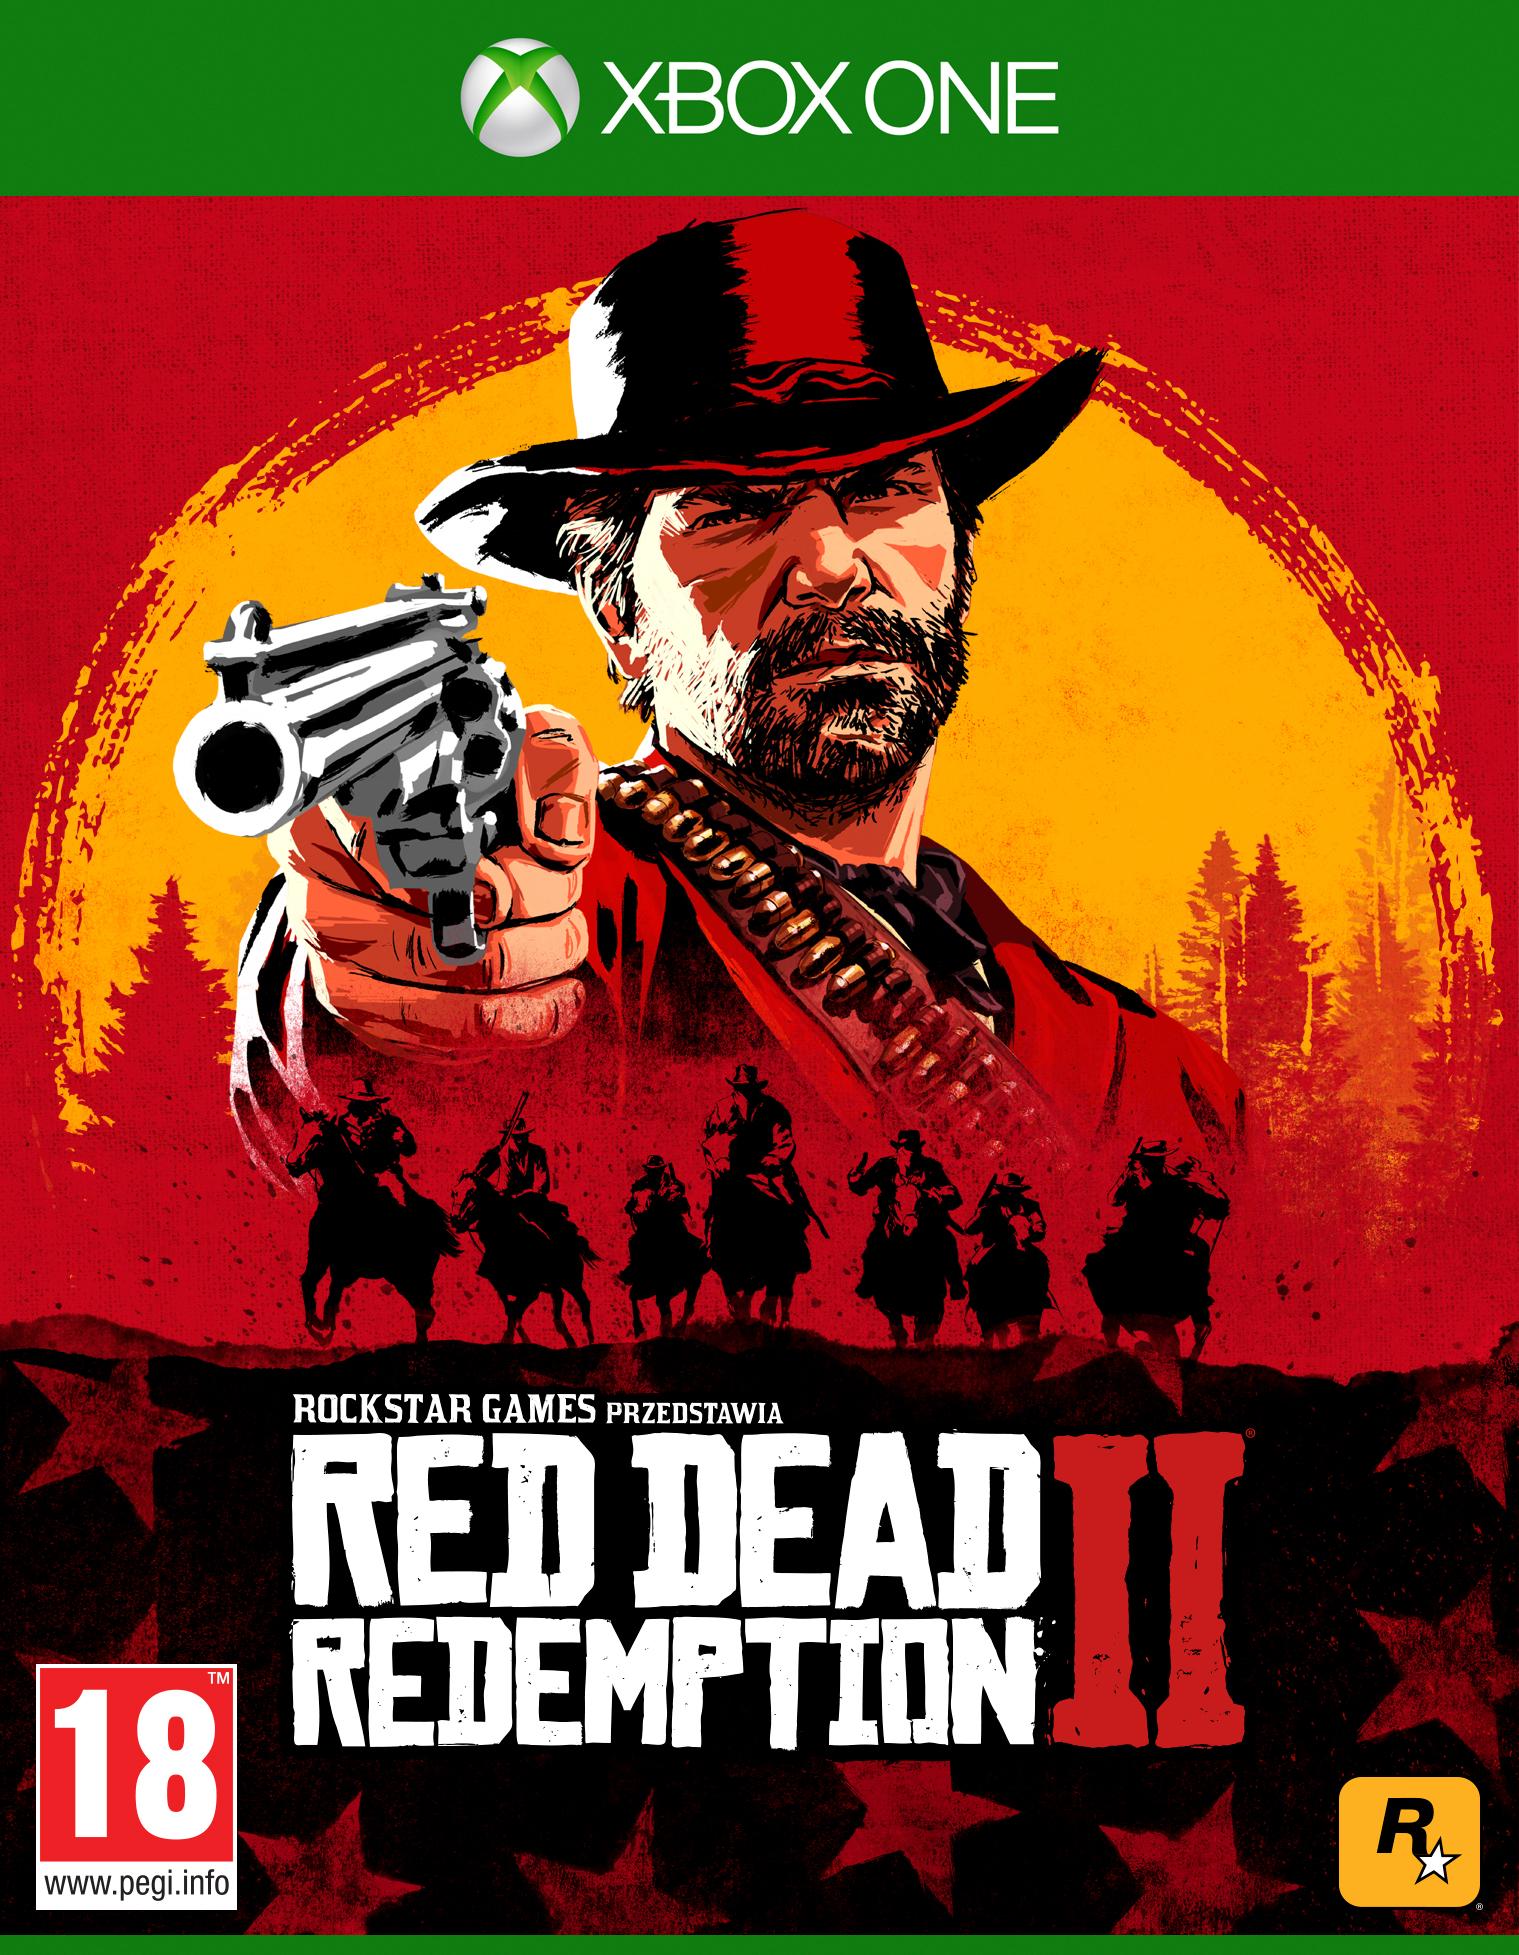 Red Dead Redemption 2 Edycja Specjalna (XONE) + BONUS!